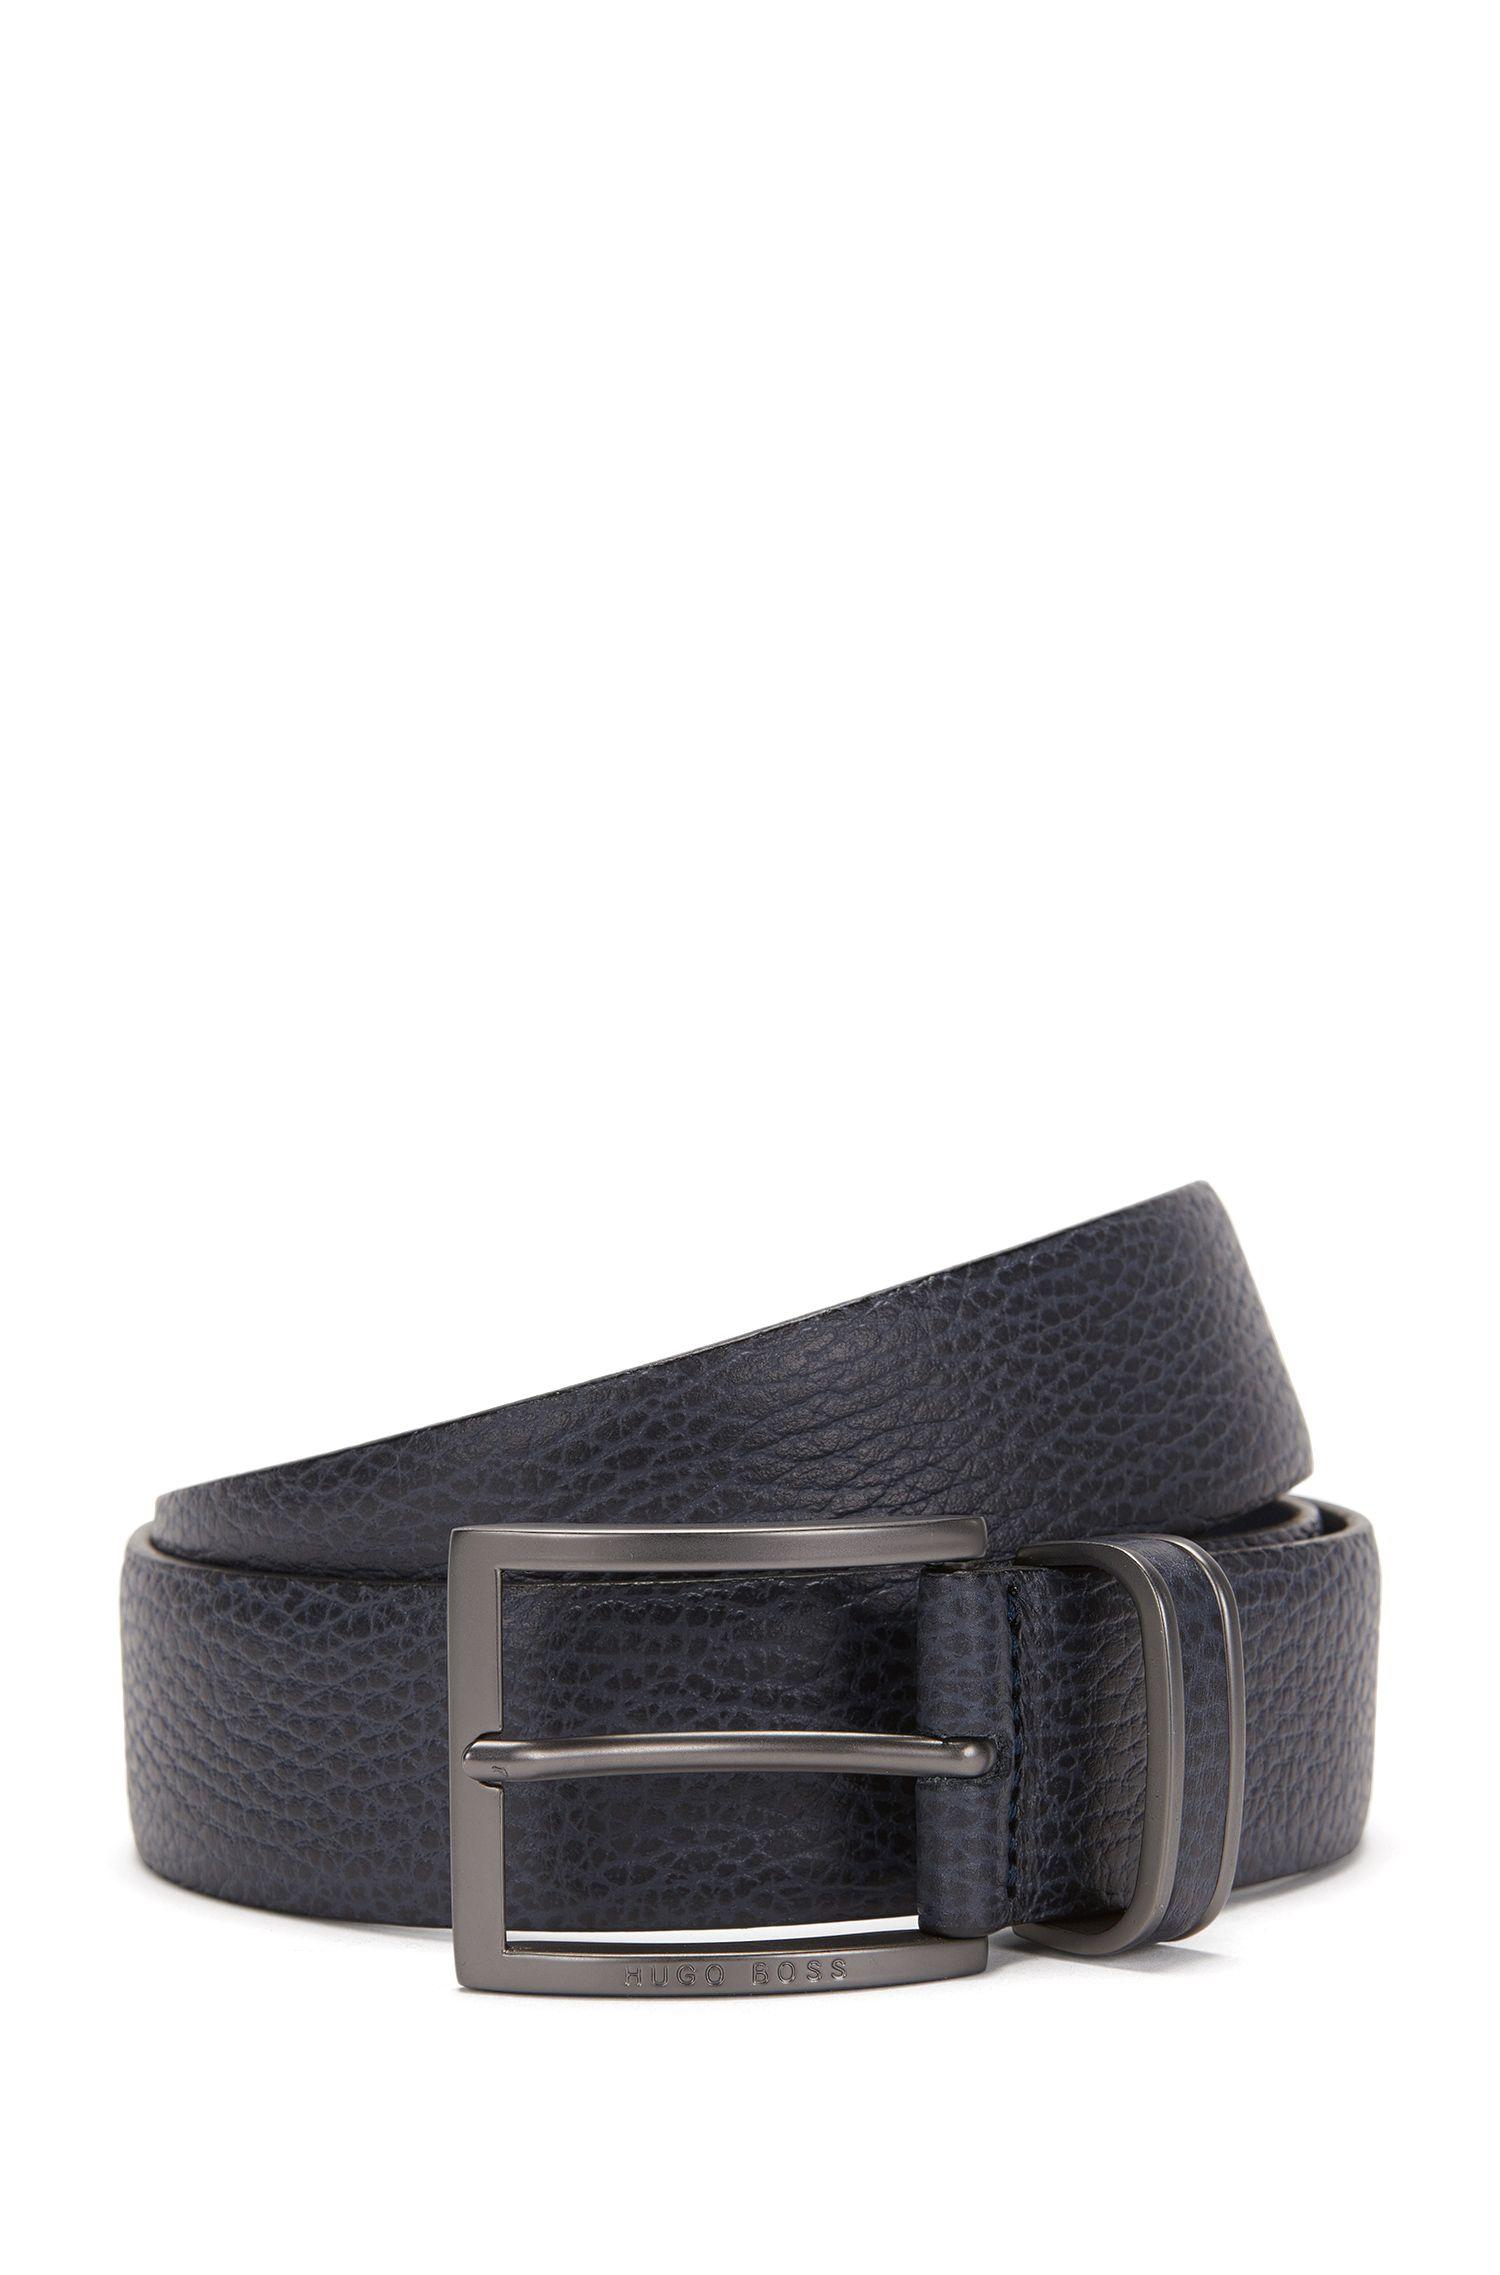 Cinturón de hebilla en piel granulada